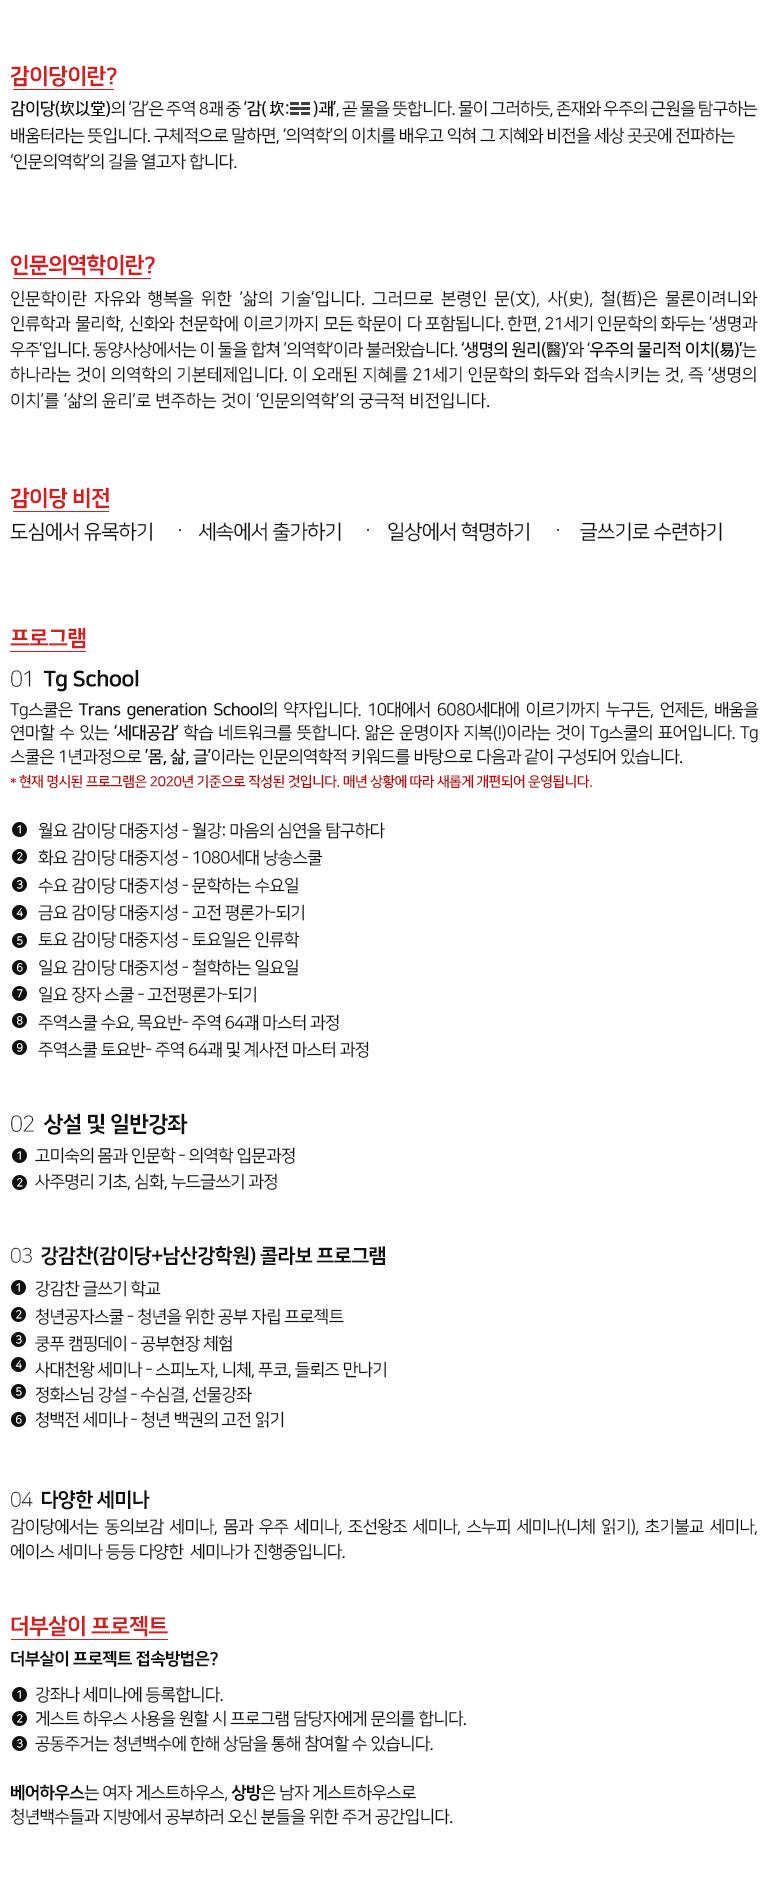 감이당소개_2.png